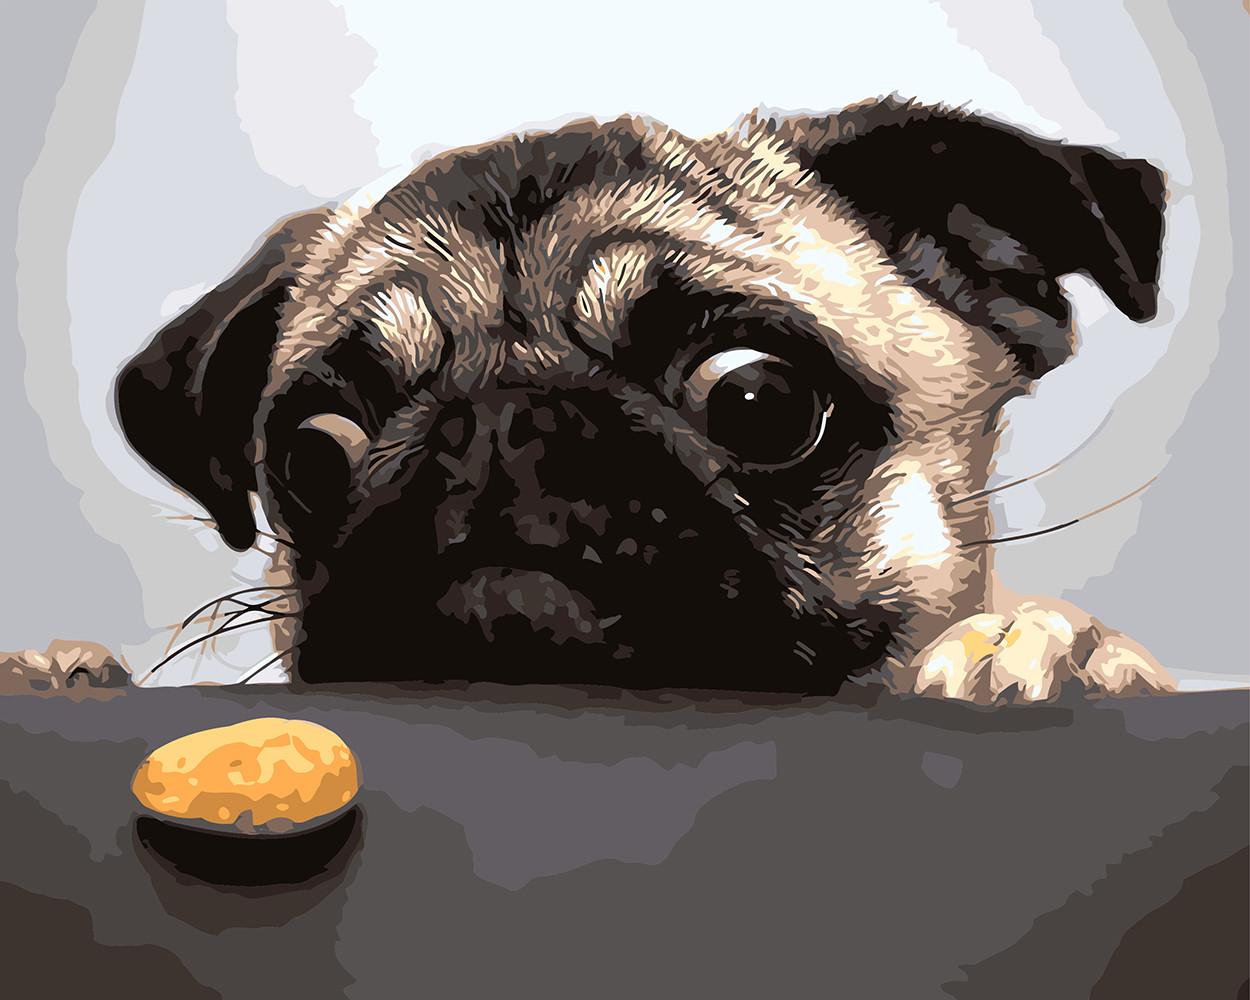 Картина по номерам Мопс и печенька, 40x50 см., Rainbow art